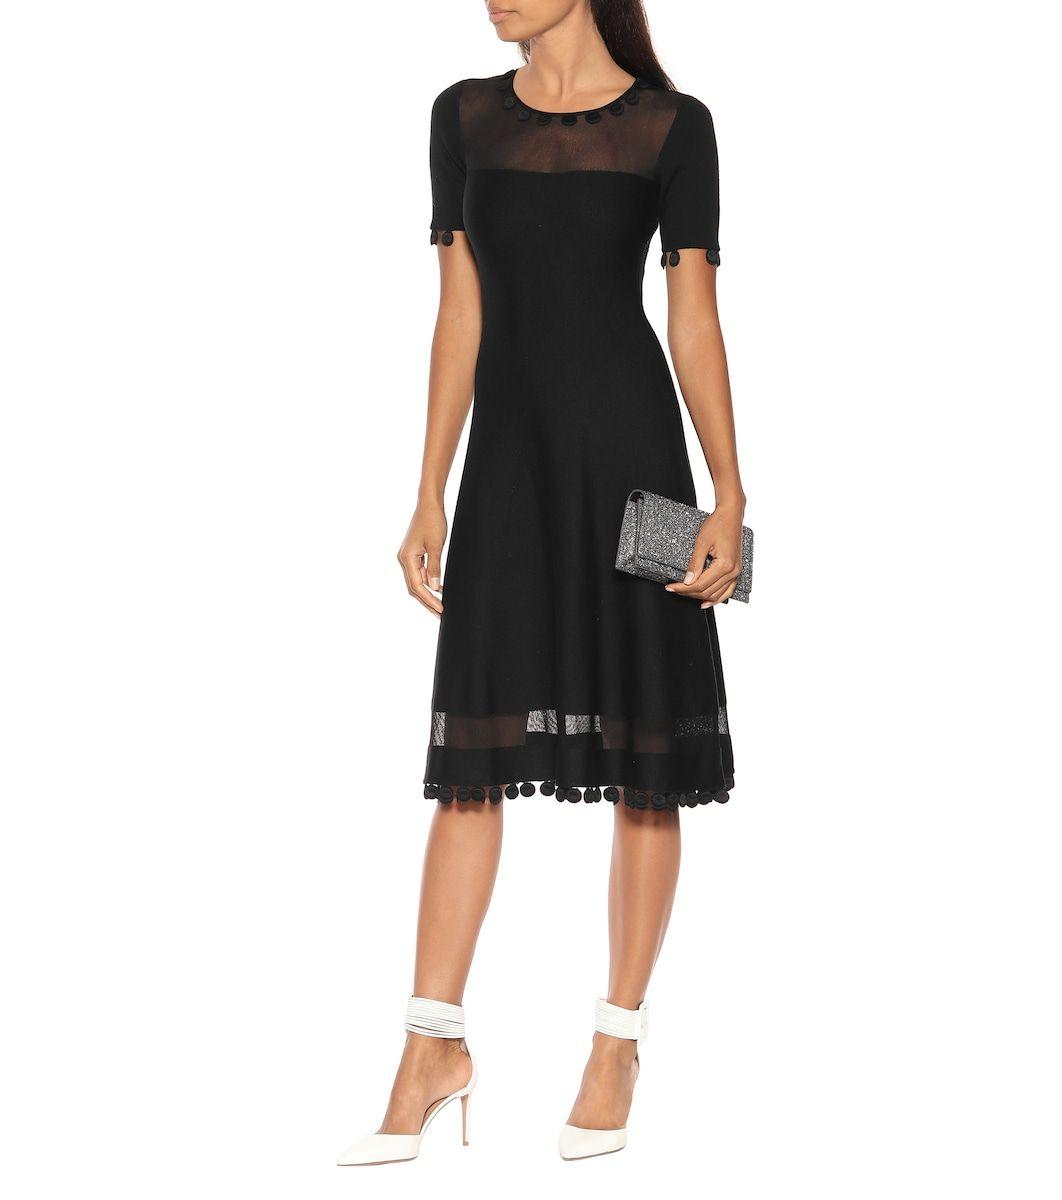 Wool And Silk Blend Midi Dress Dresses Midi Length Dress Midi Dress [ 1200 x 1062 Pixel ]